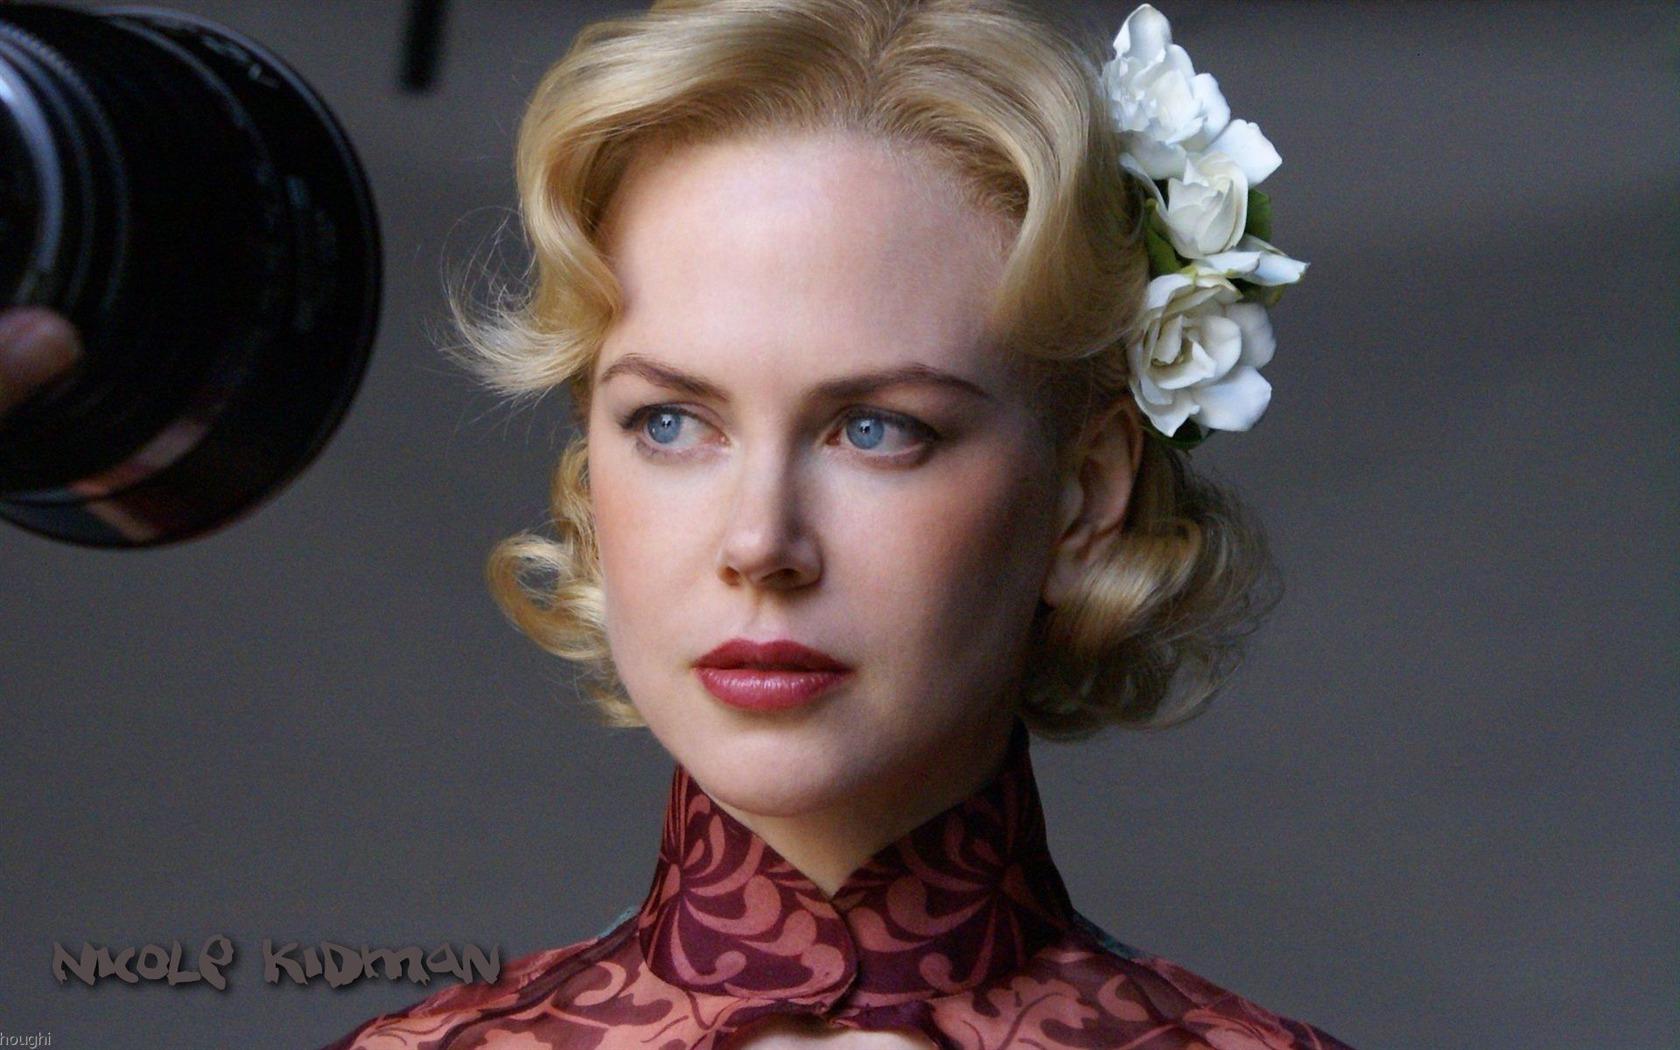 Николь Кидман Nicole Kidman 1990 фото  ThePlace